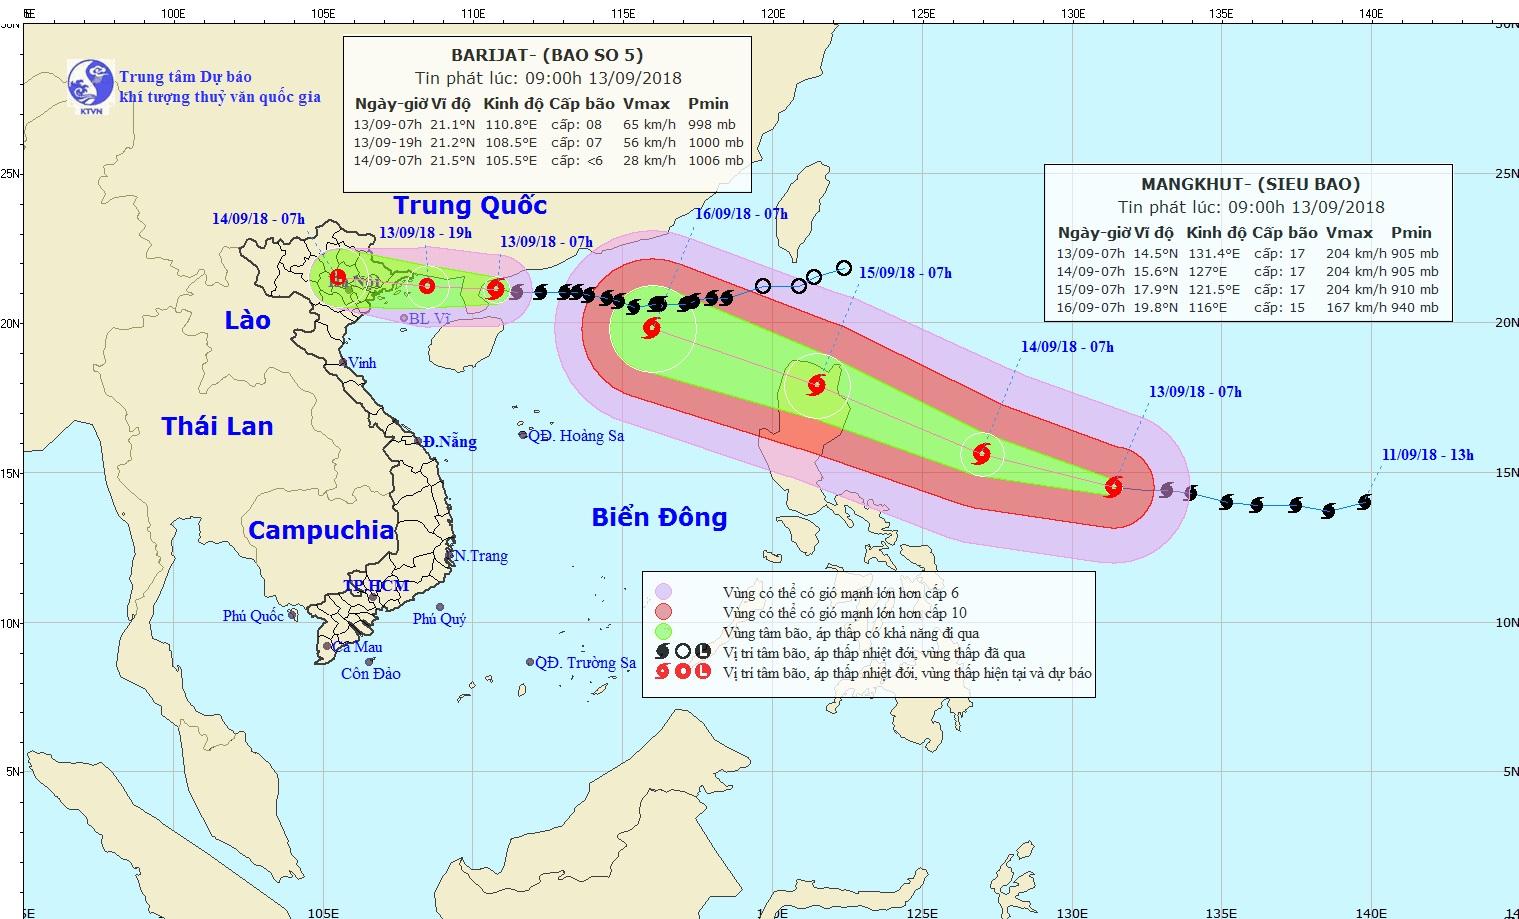 Storm Barijat to weaken as Vietnam braces for Super Typhoon Mangkhut